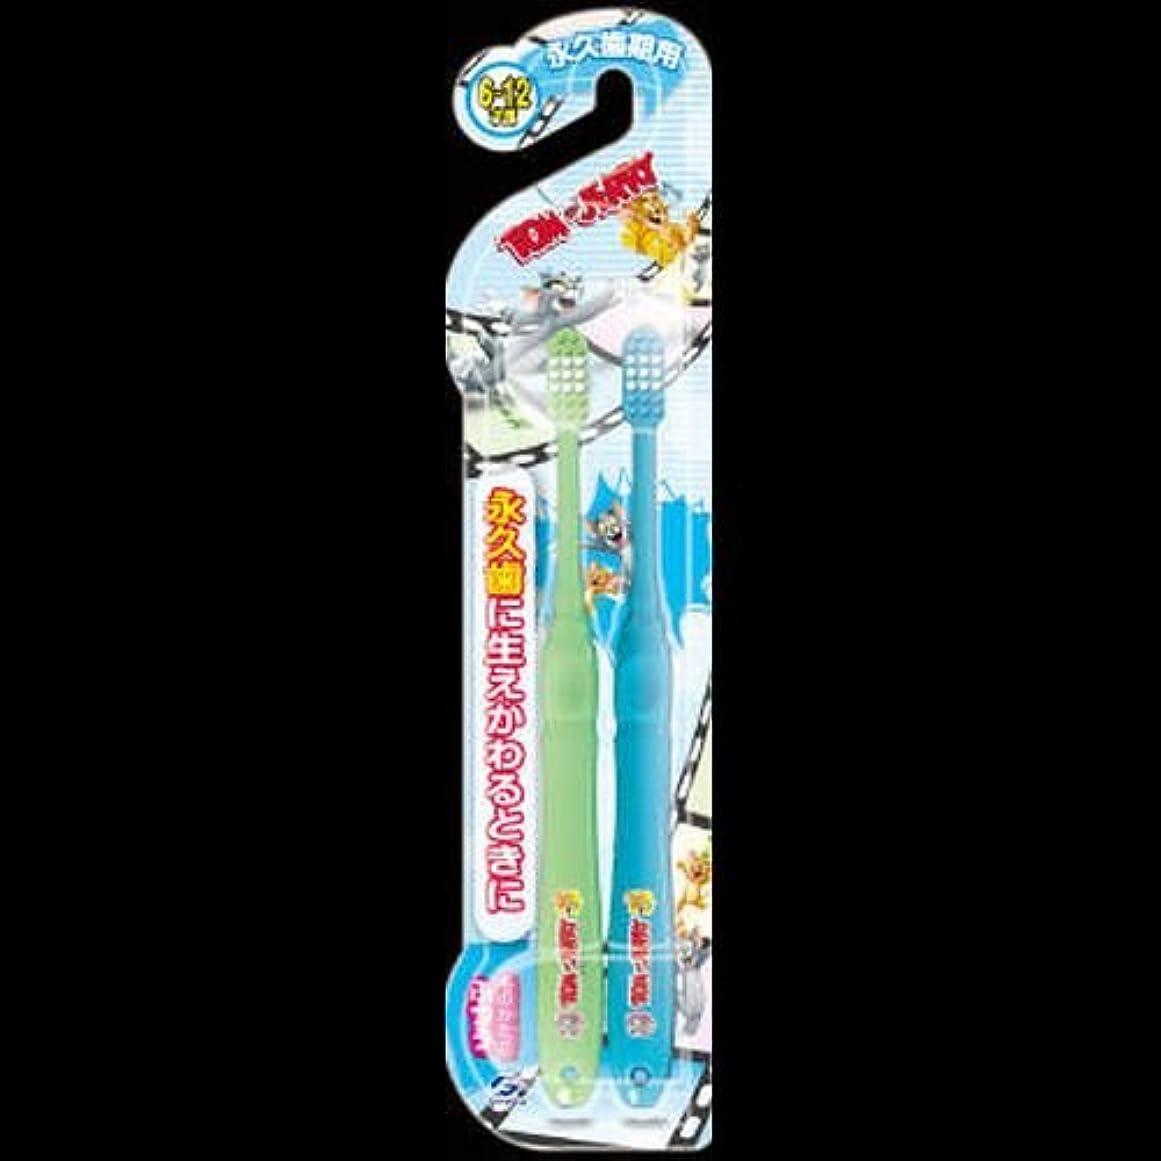 八百屋衣装統計トム&ジェリーハブラシ 永久歯用(6才-12才) 2本組 ×2セット